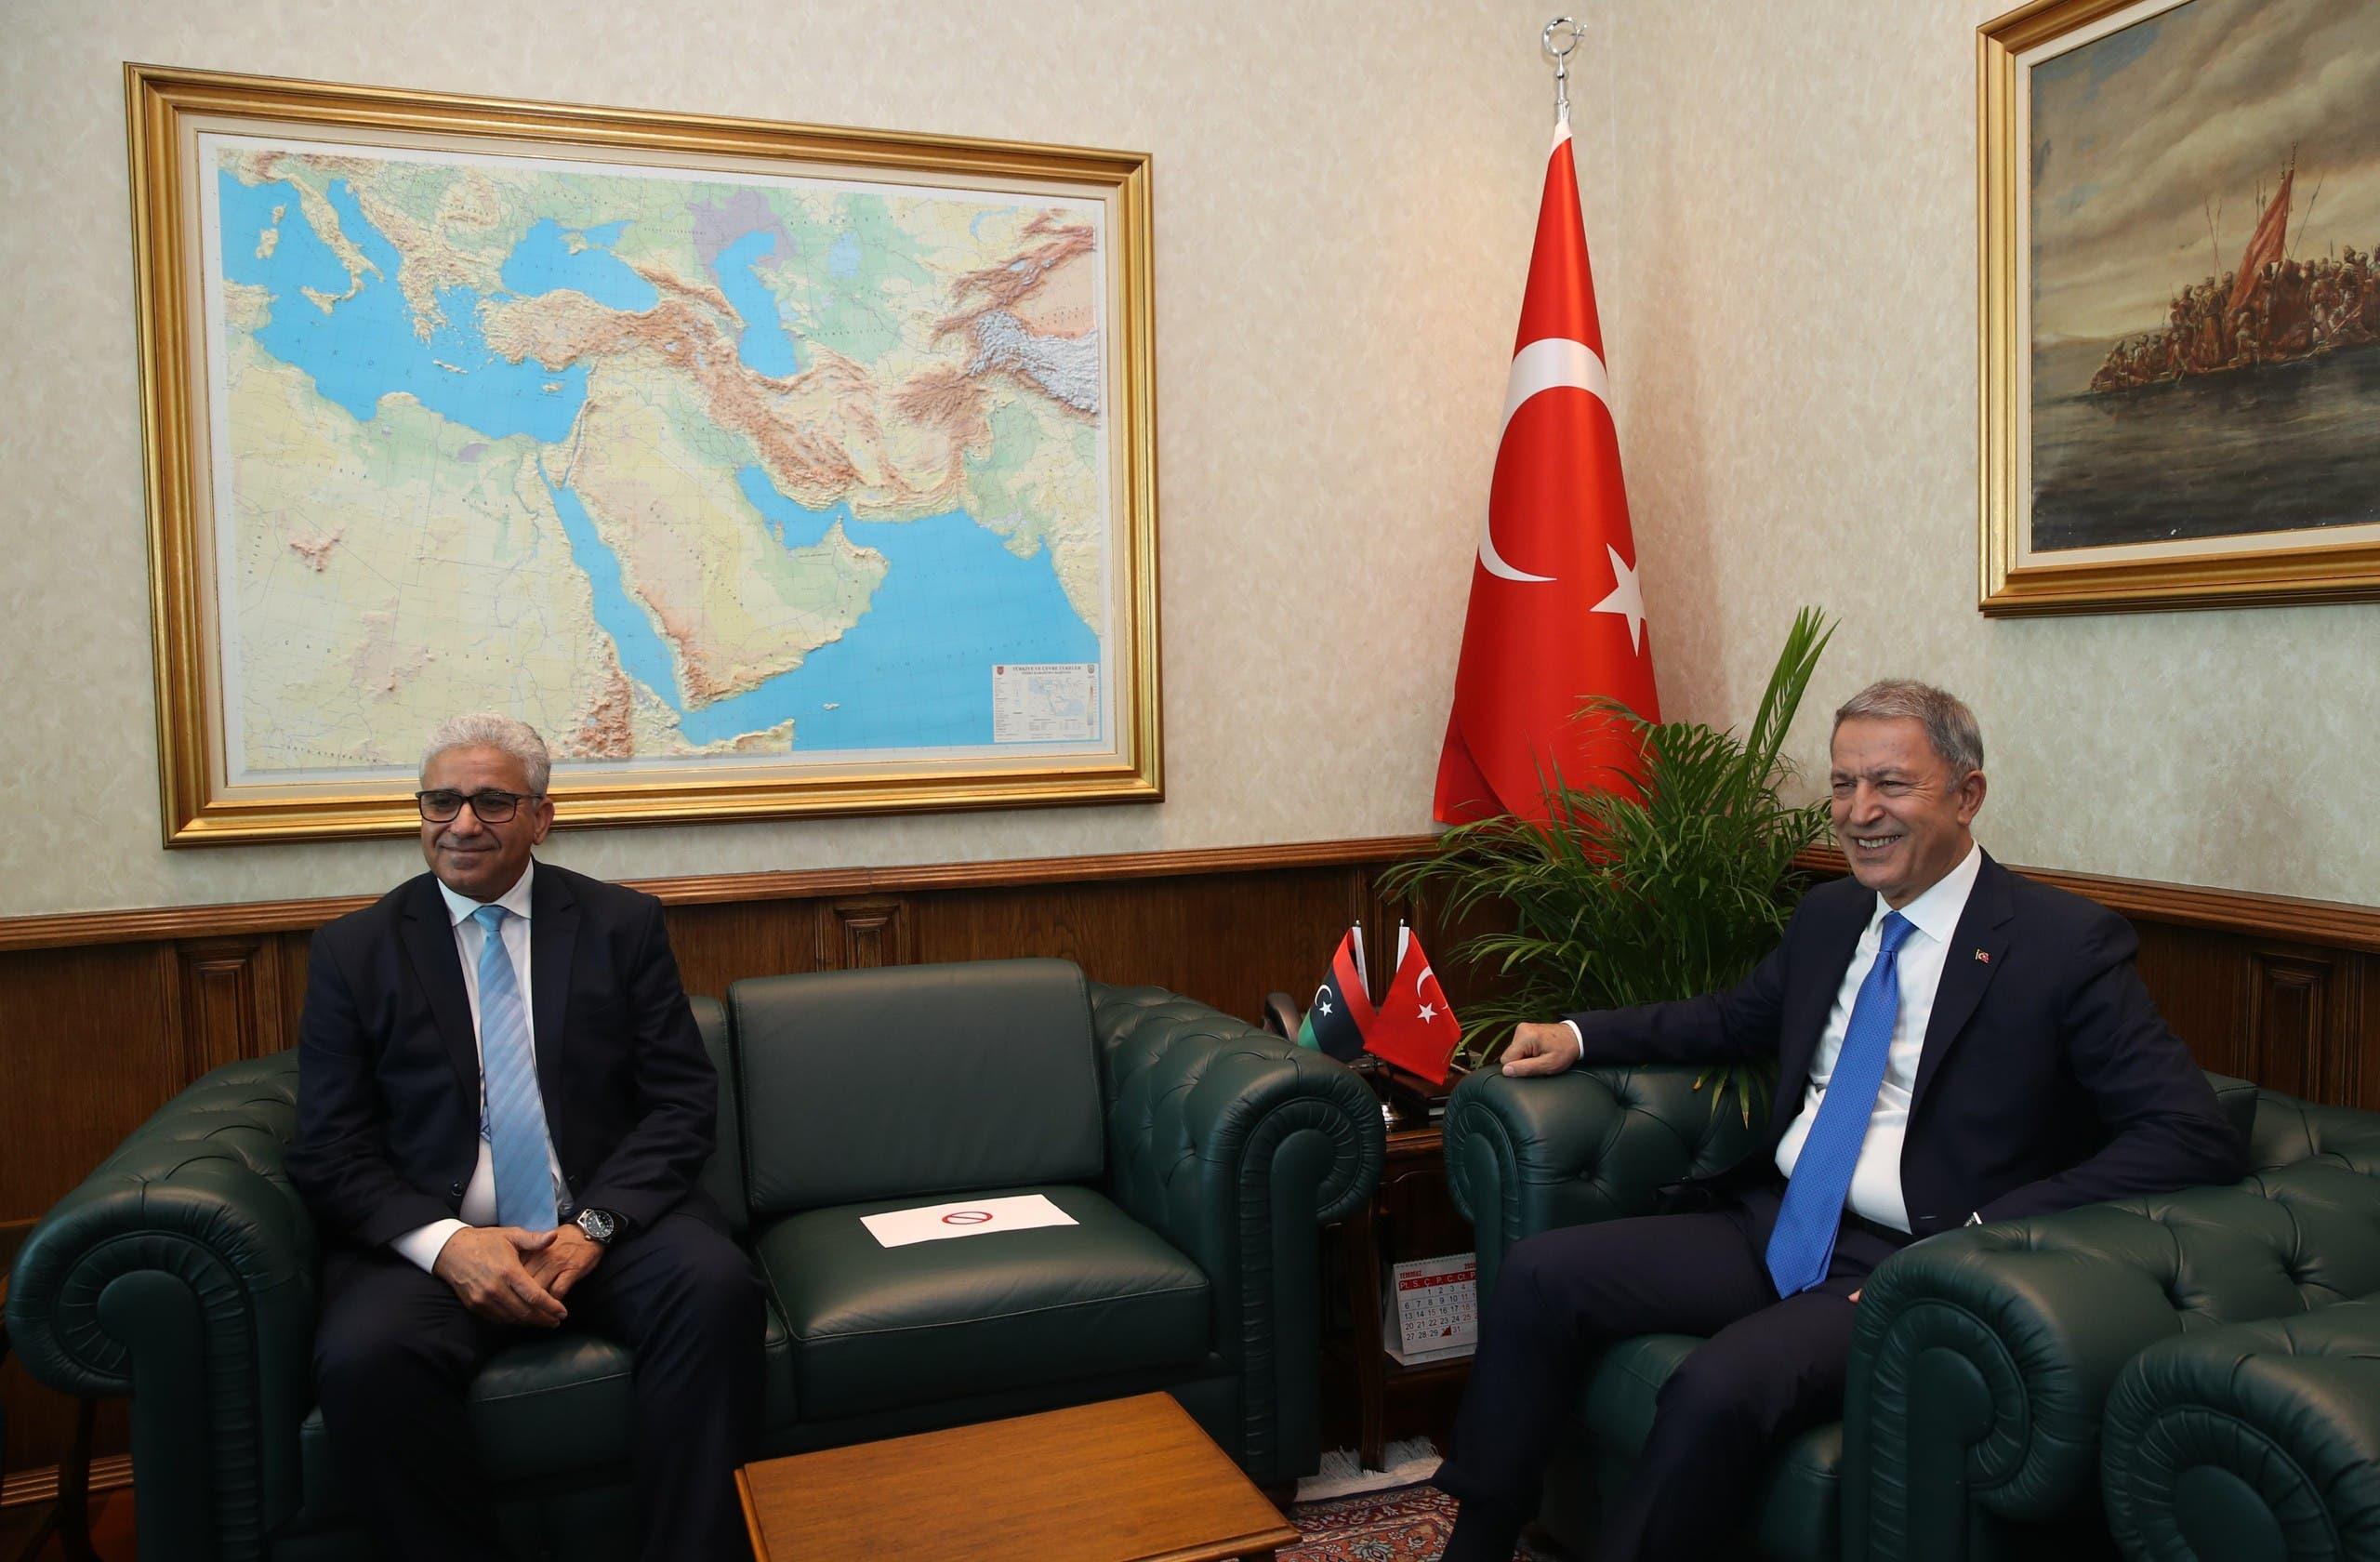 وزير الدفاع التركي خلوصي أكار ووزير الداخلية في حكومة الوفاق الليبية فتحي باشاغا